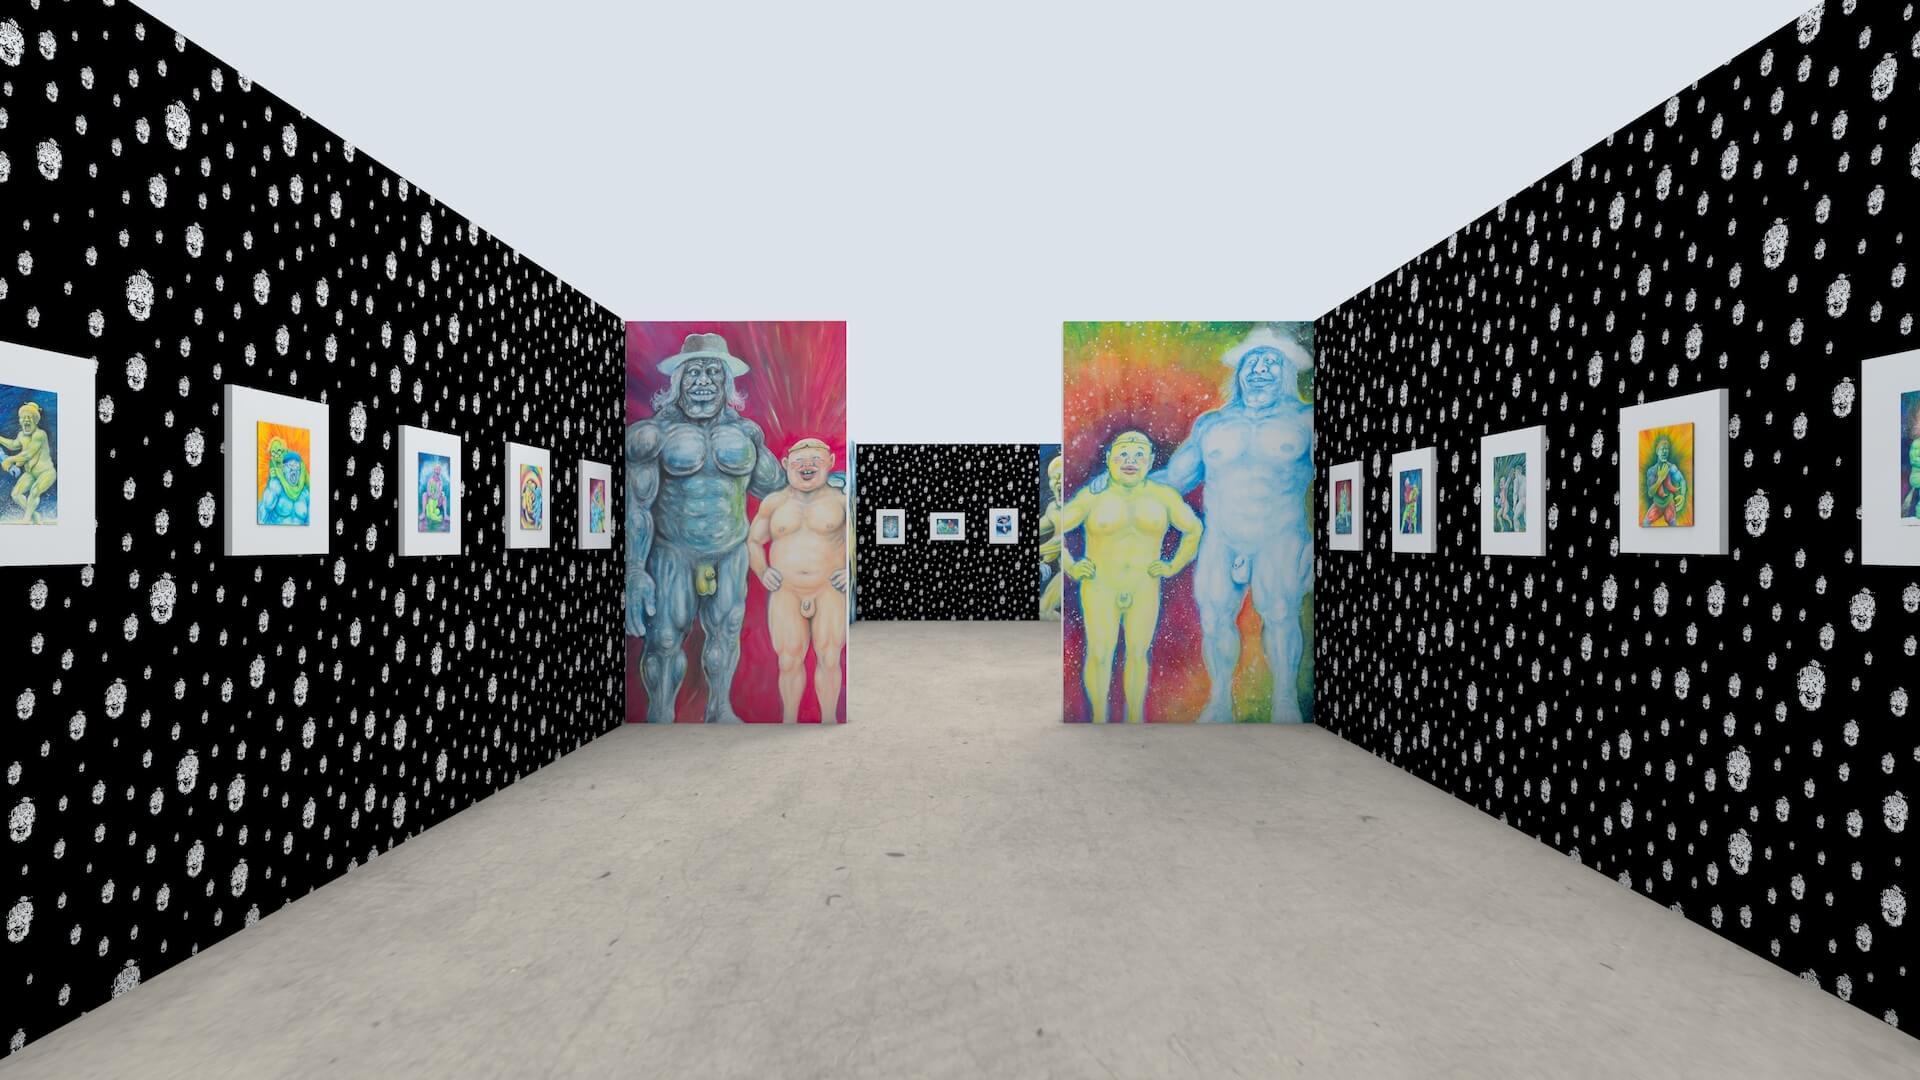 渋谷PARCOで謎の天才画家manksy ☆ gataro没後100年展が開催!記念グッズの販売やAR体験も art_211014_parco-03